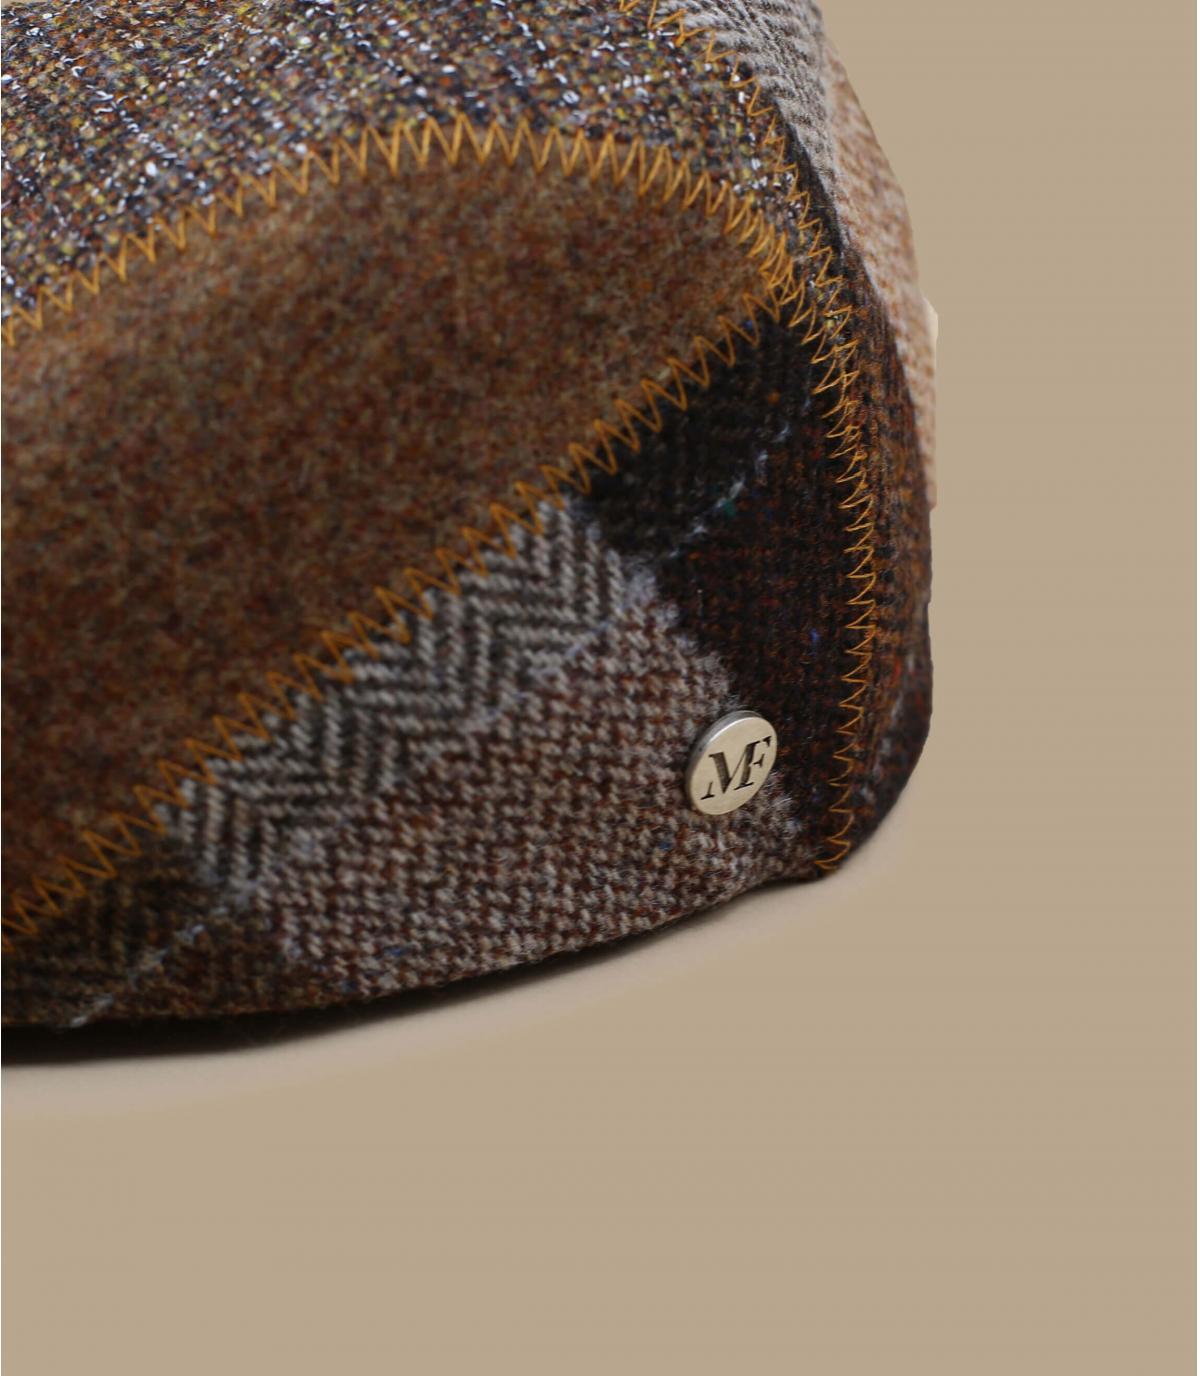 Details Noam braun - Abbildung 2